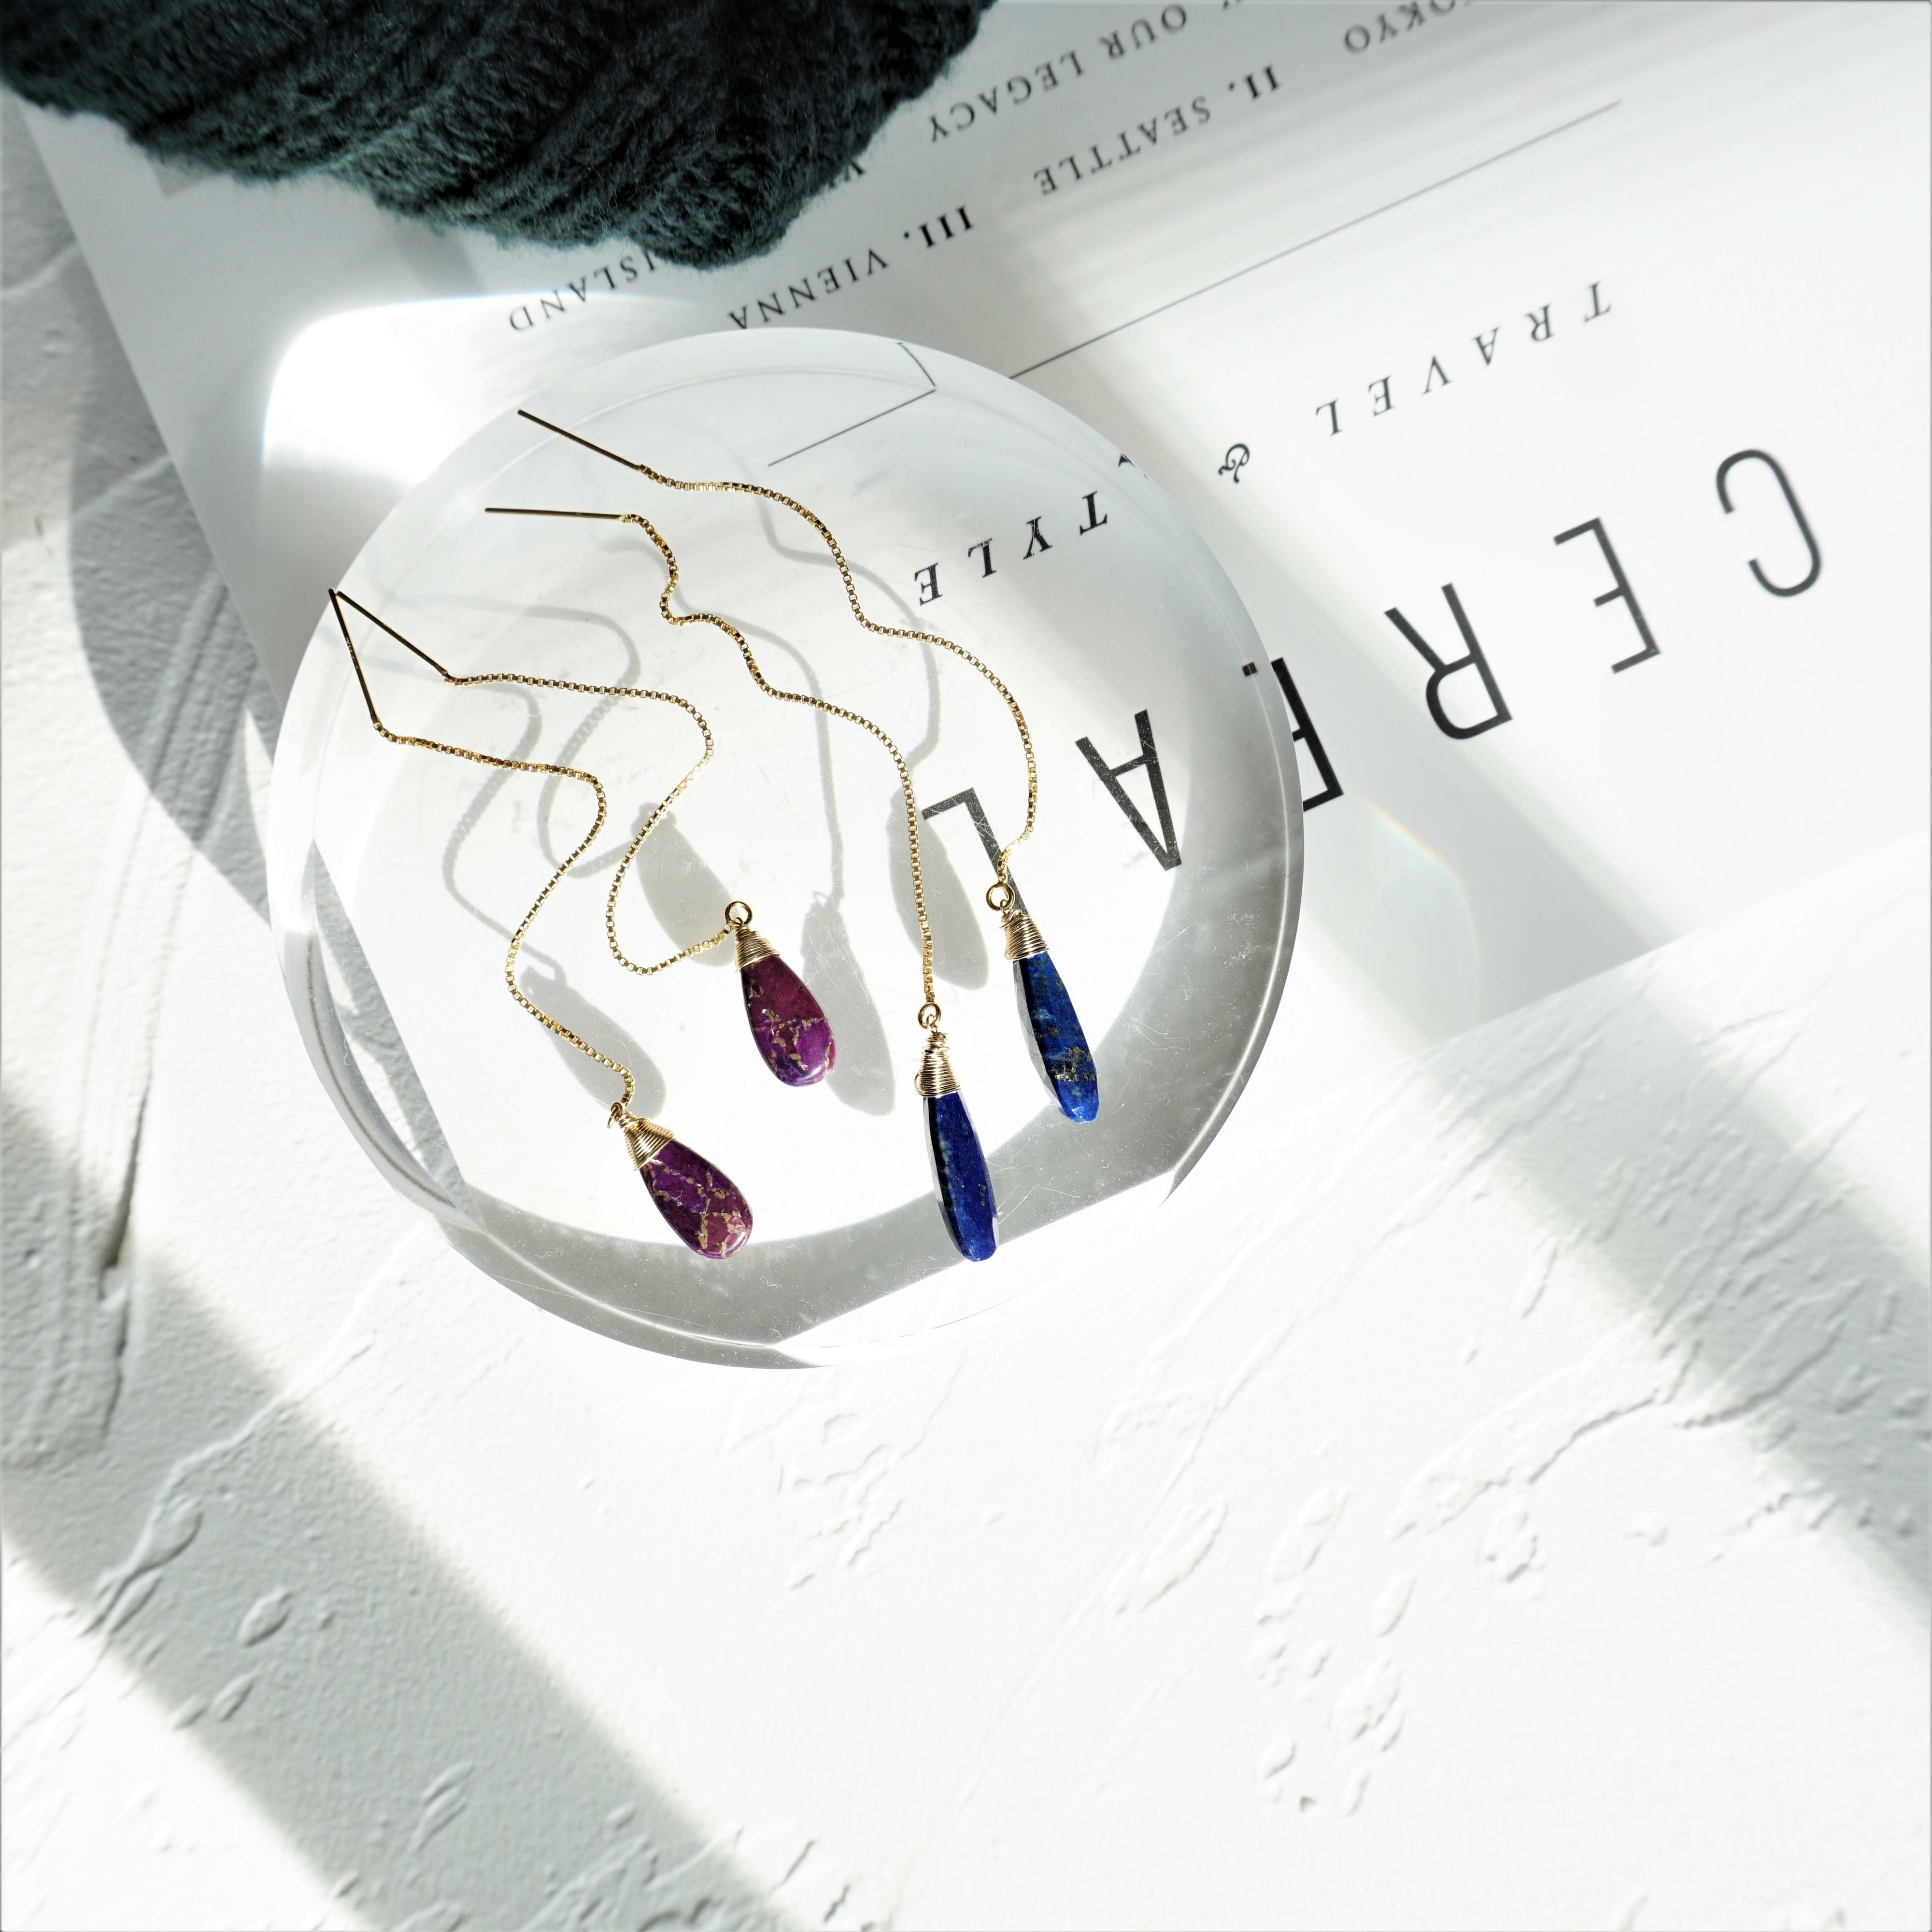 14kgf*Lapislazuri American pierced earring / earring